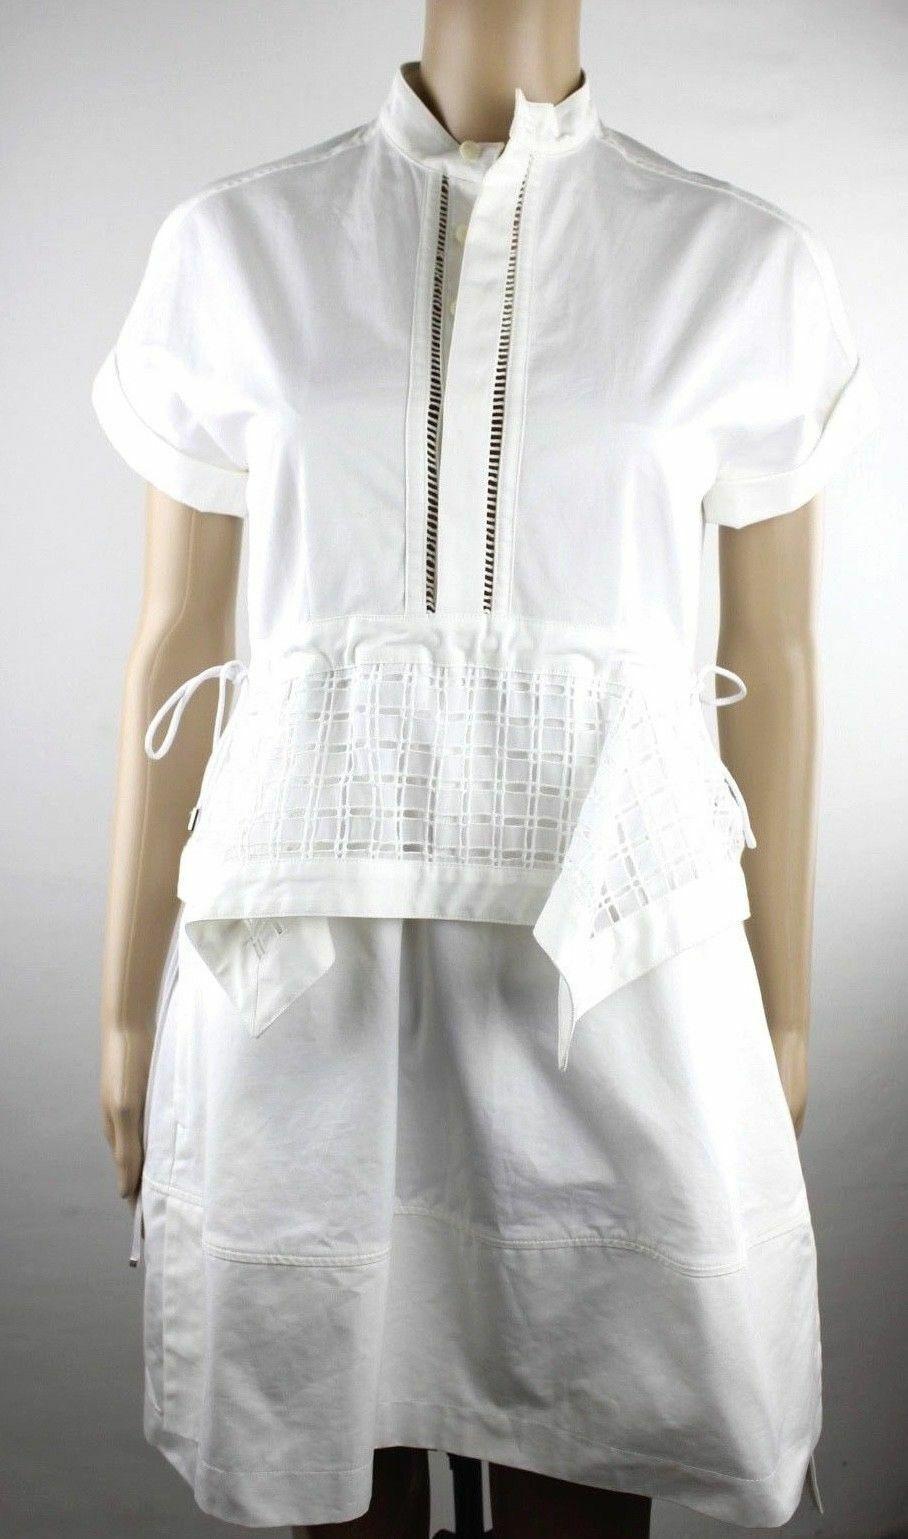 DIESEL schwarz Gold Damen Damen Damen Kleid DORY Abendkleid Cocktailkleid in Weiß 36 S 9b1552